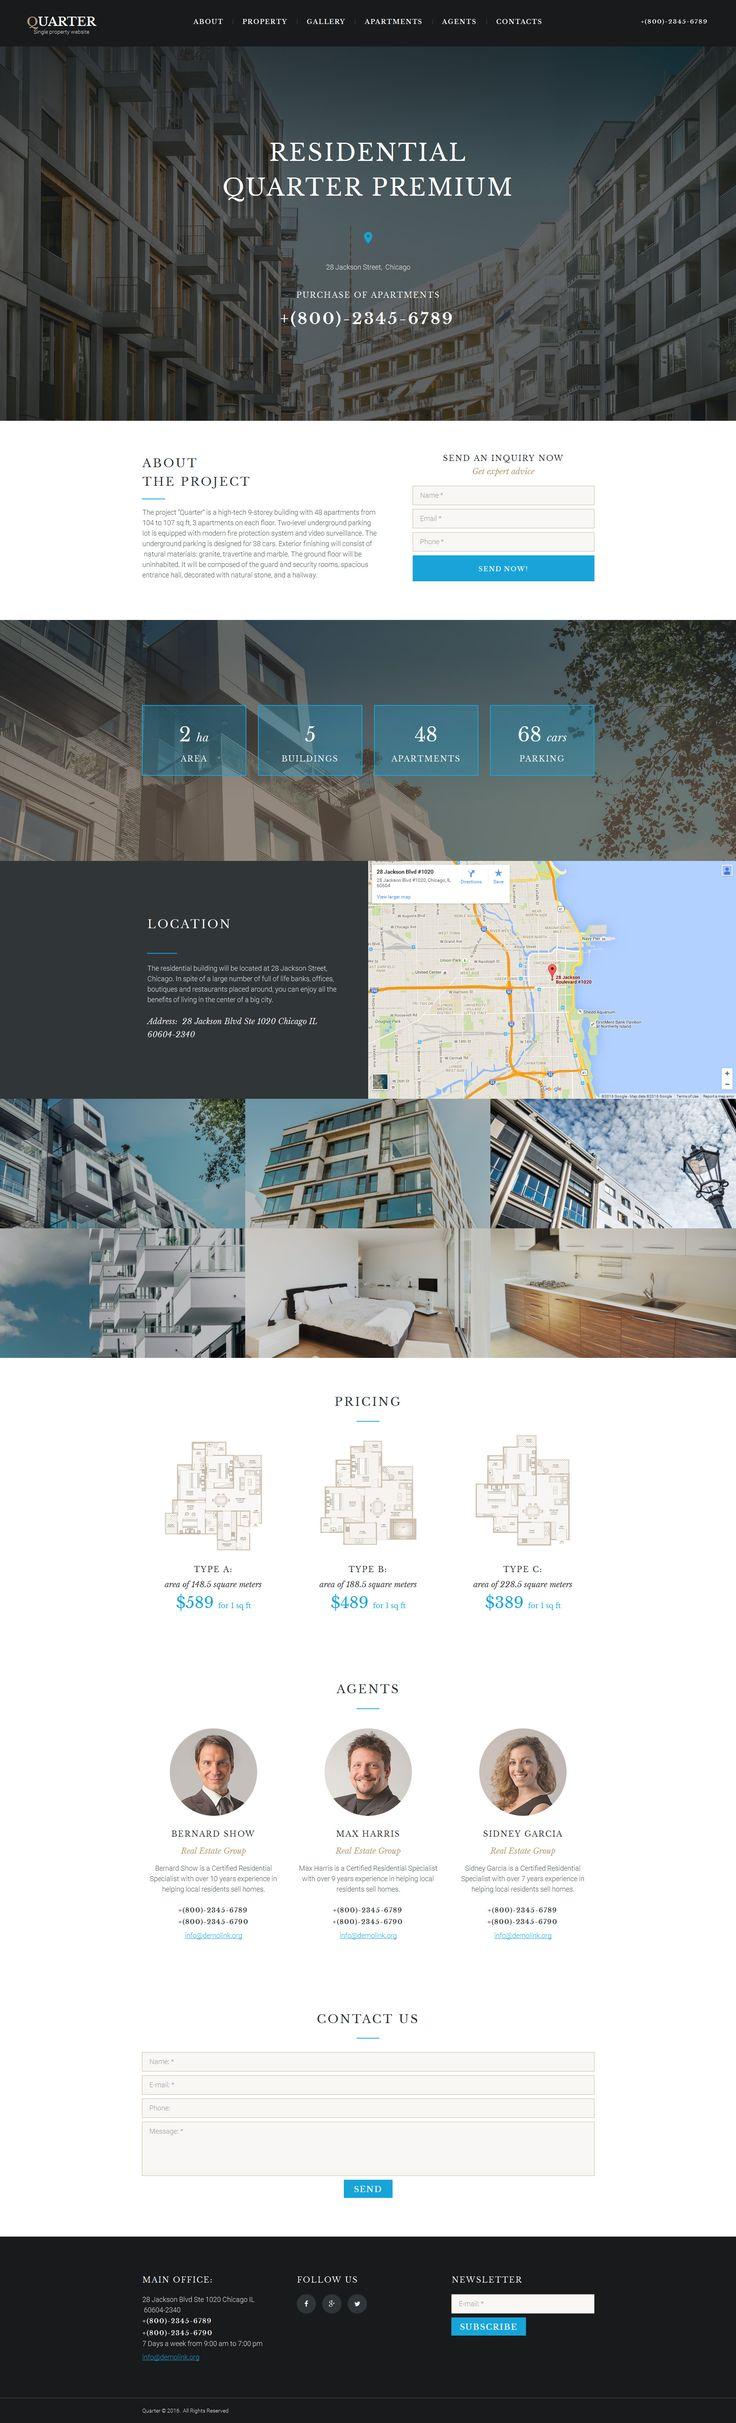 192 best Web Design - Real Estate images on Pinterest | Website ...